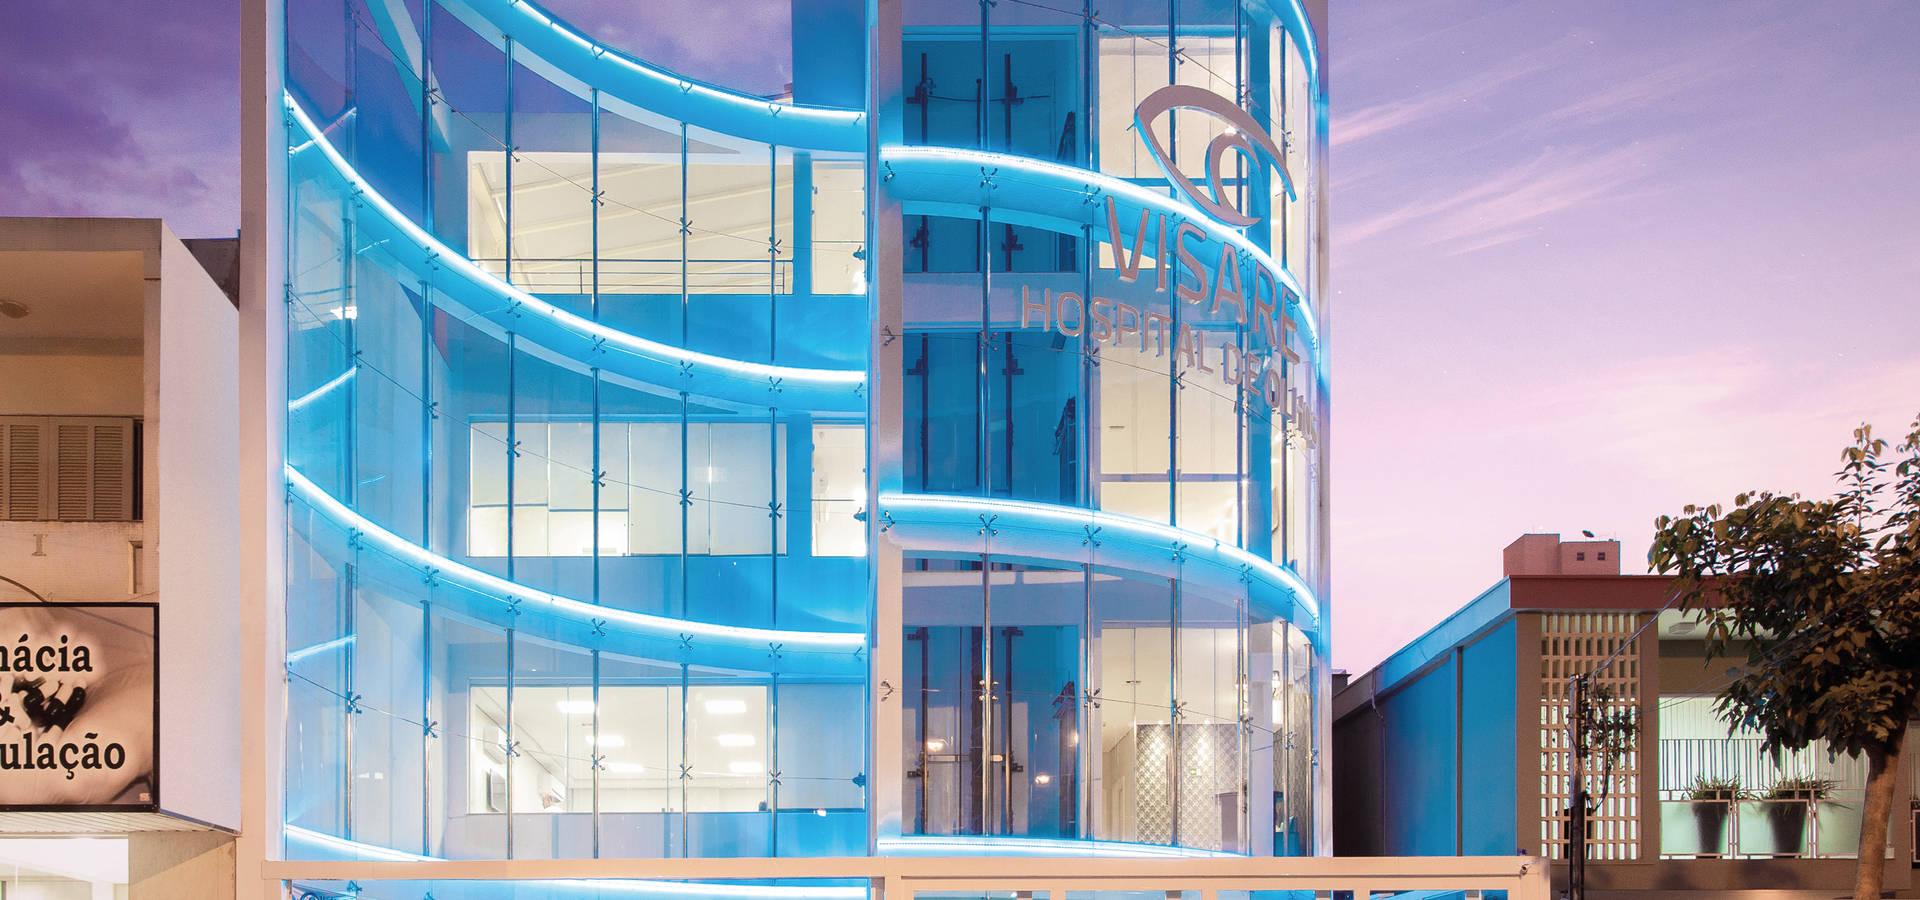 mariaeunicearquitetura